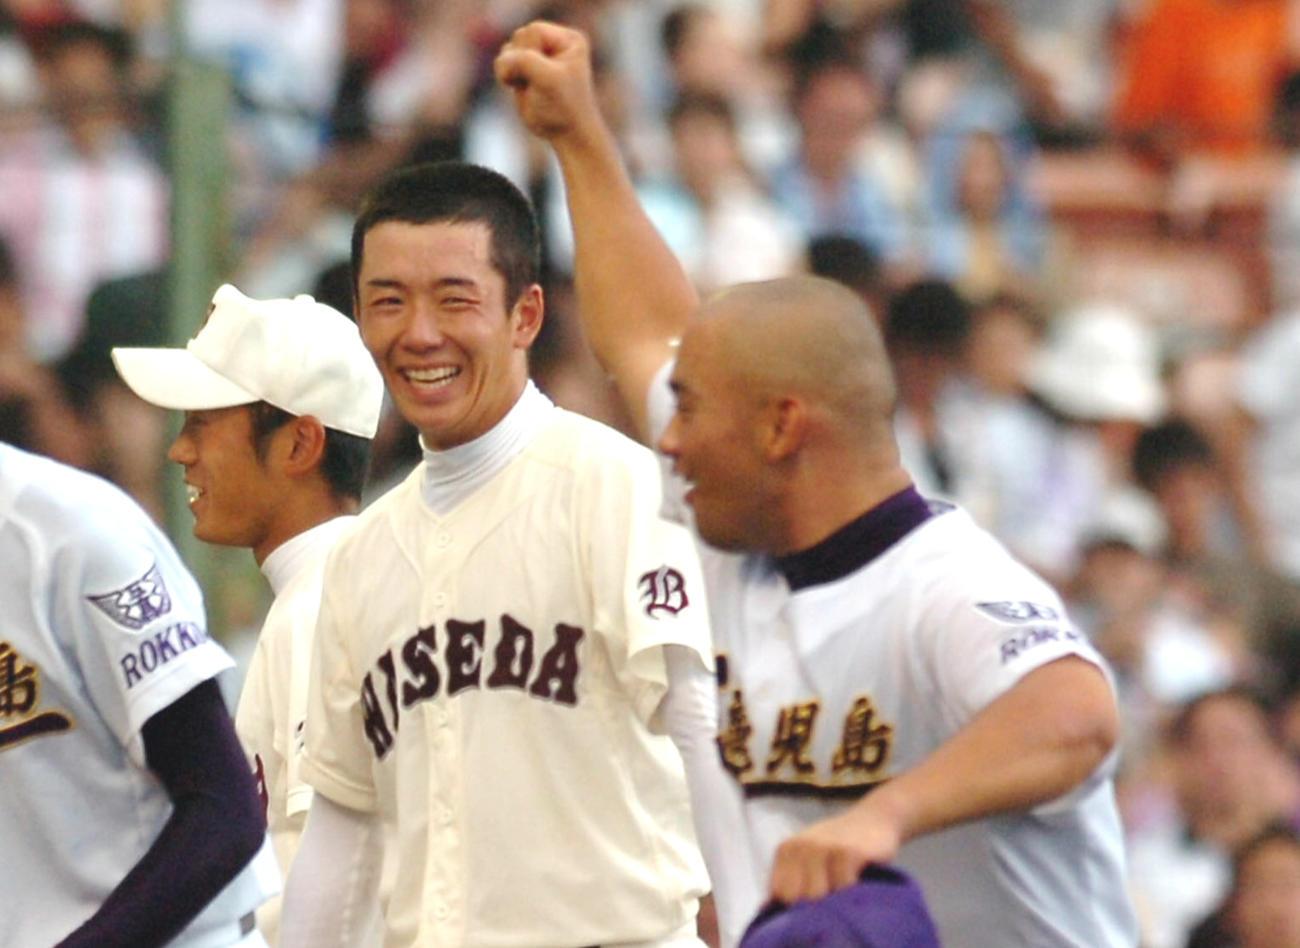 06年8月、勝利を飾った早実の斎藤(中央)は鹿児島工の今吉とあいさつを交わし笑顔を見せる